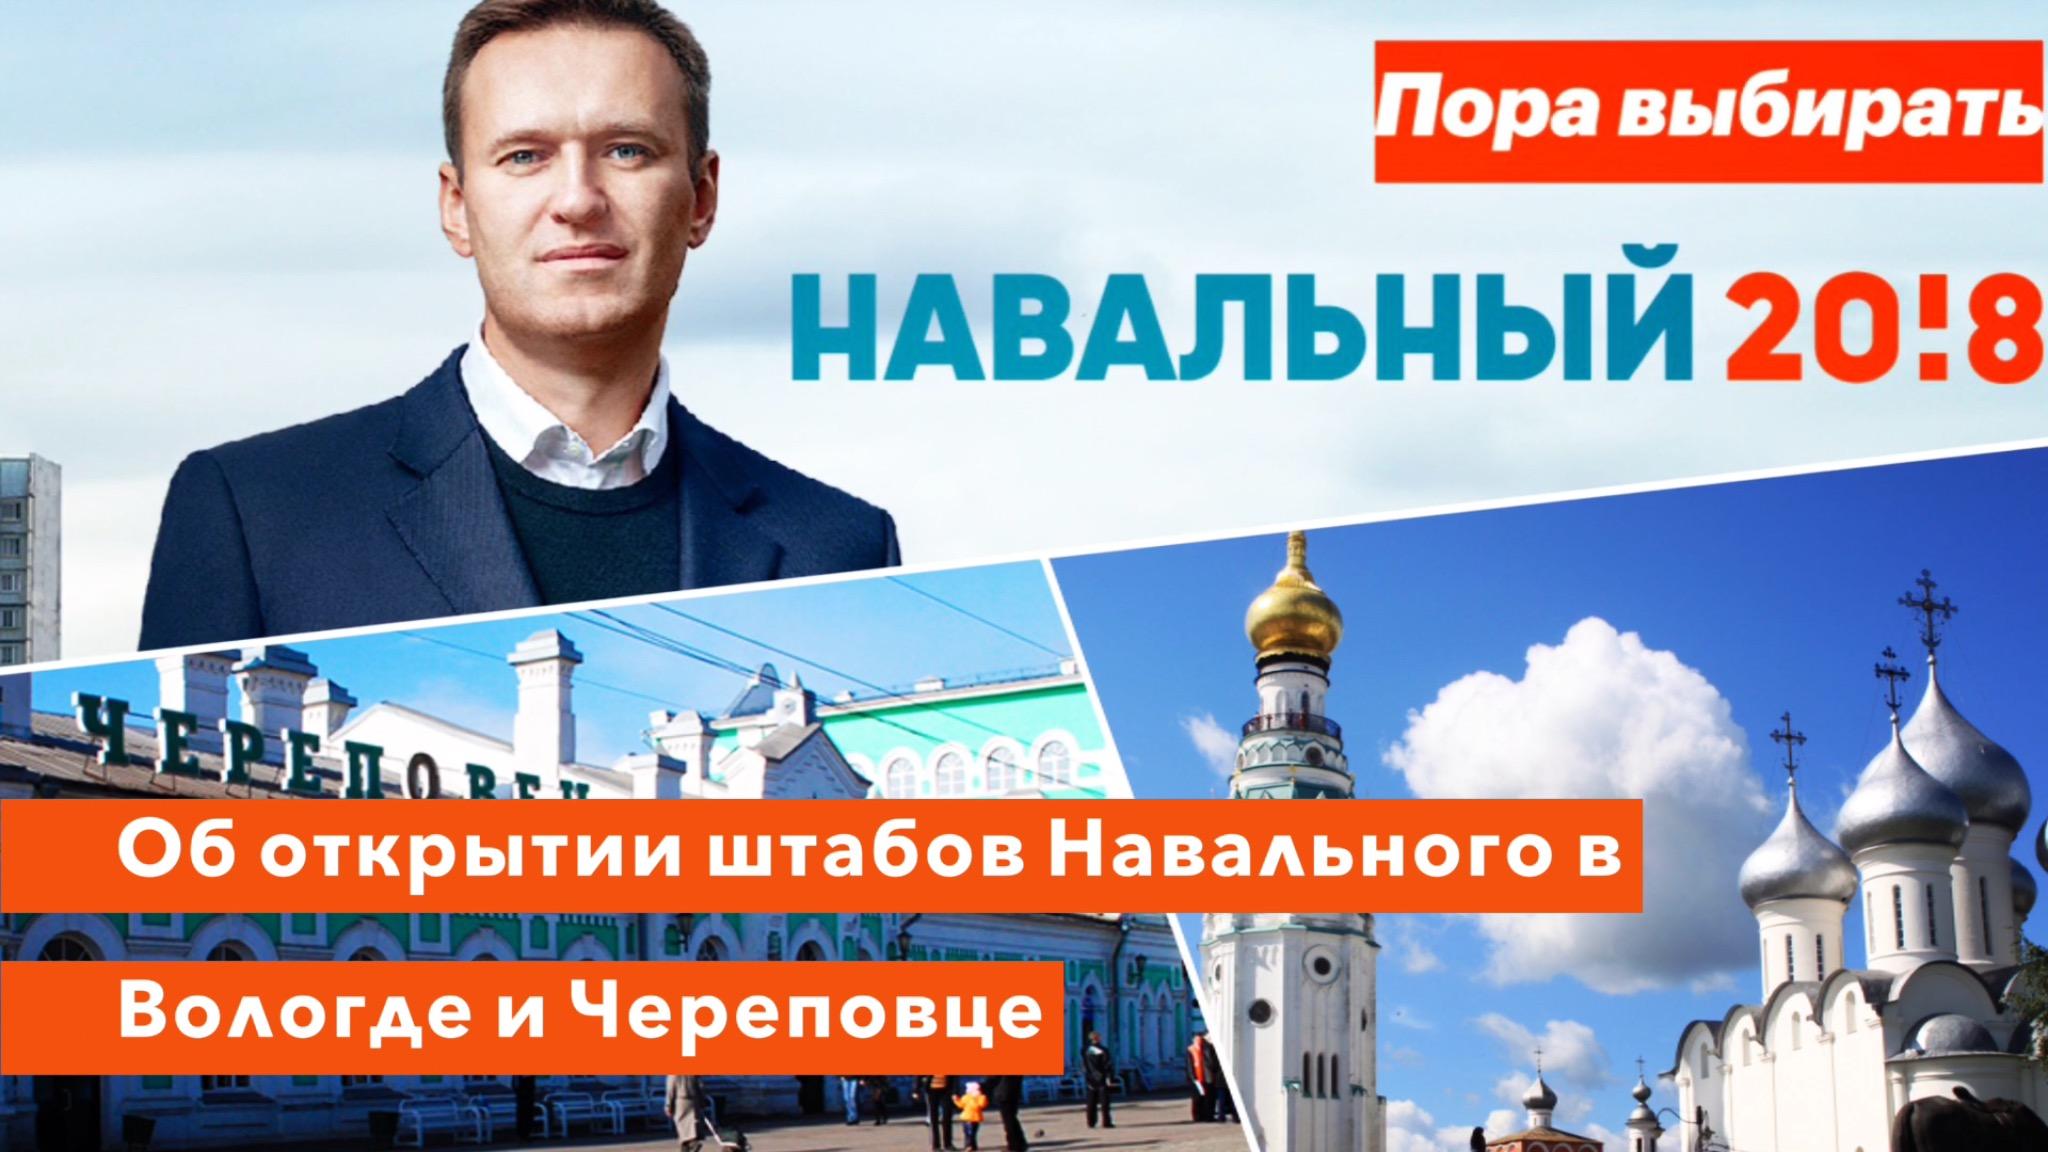 Об открытии штабов Навального в Вологде и Череповце